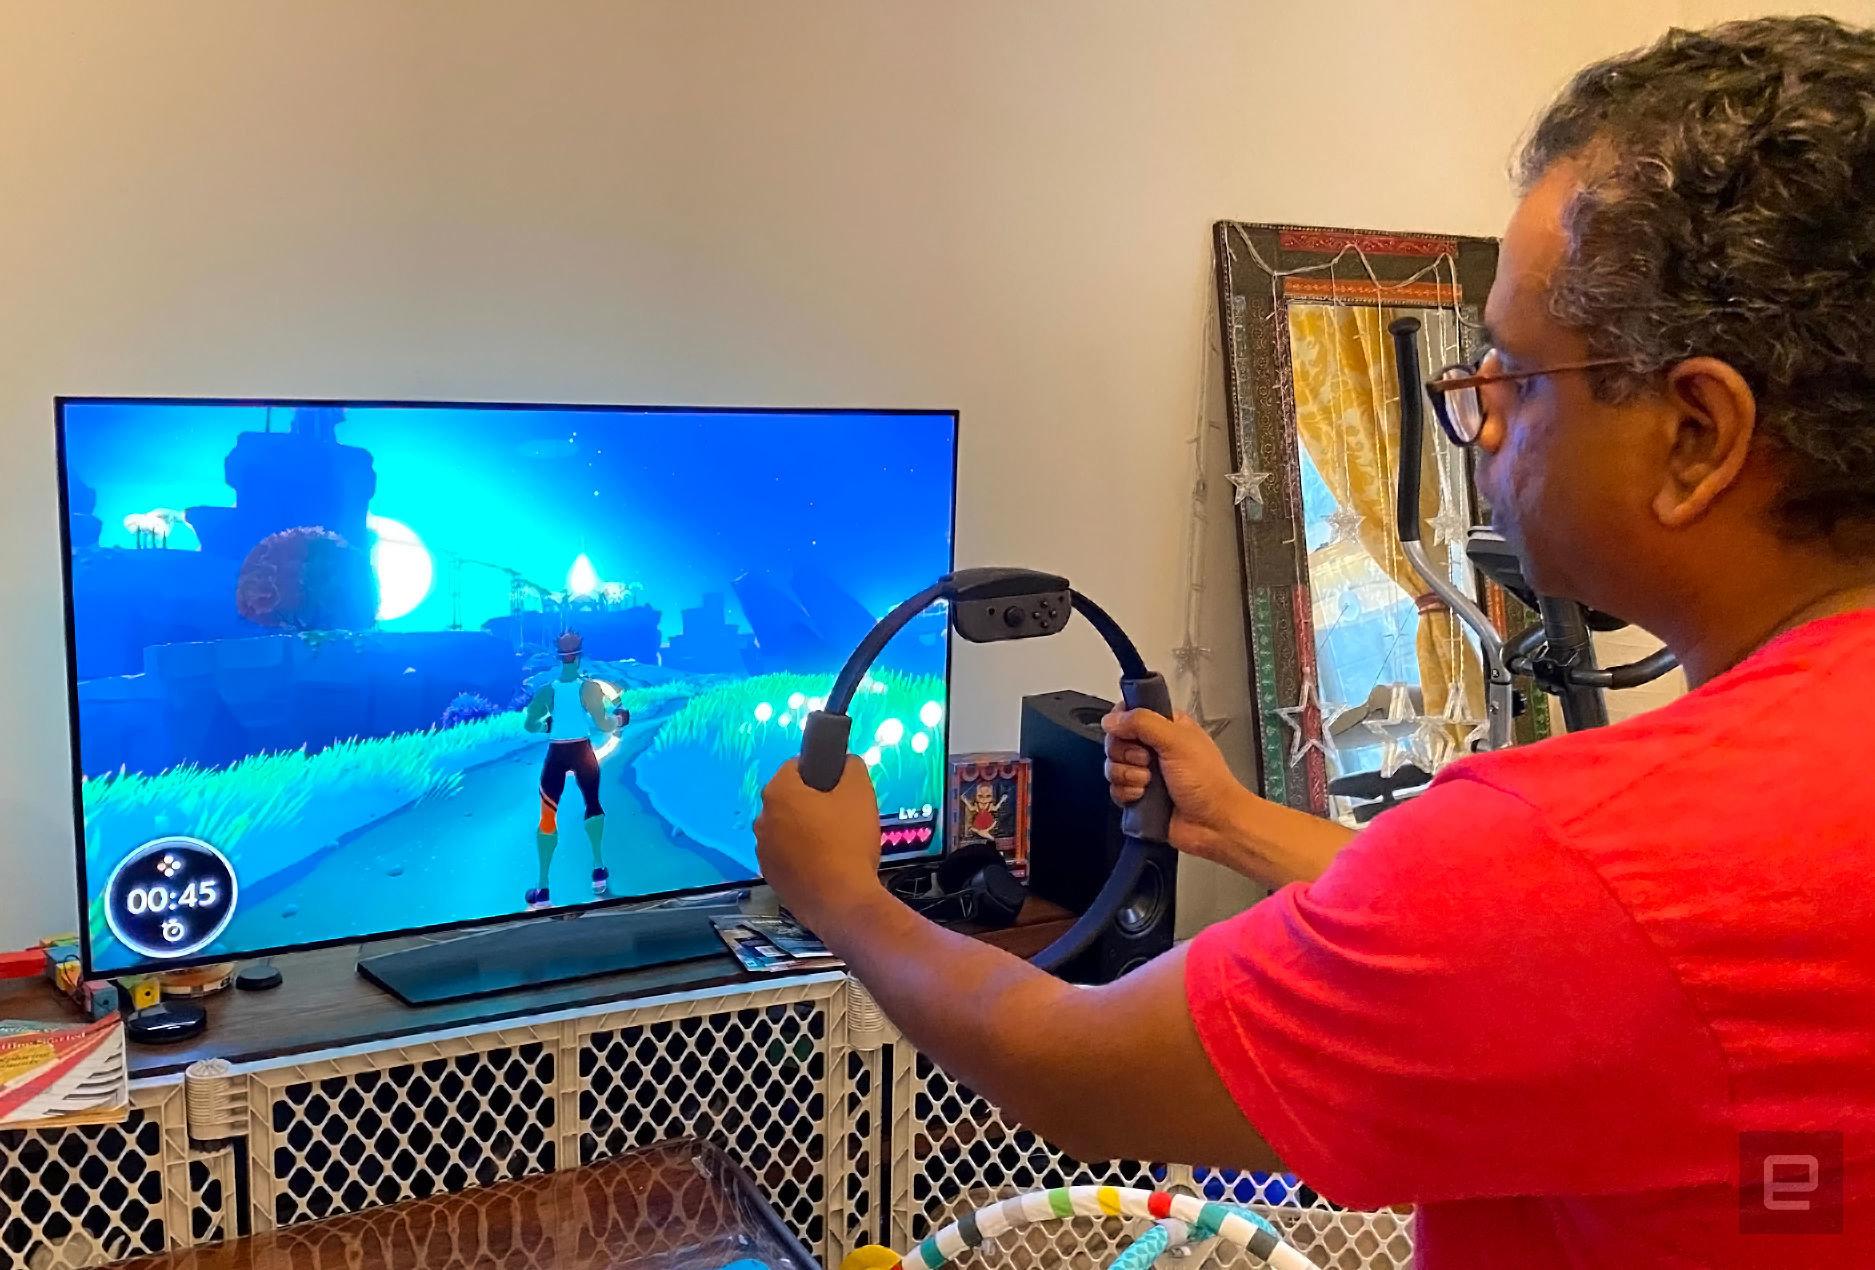 Видеоигра от Nintendo заменит полноценную домашнюю тренировку